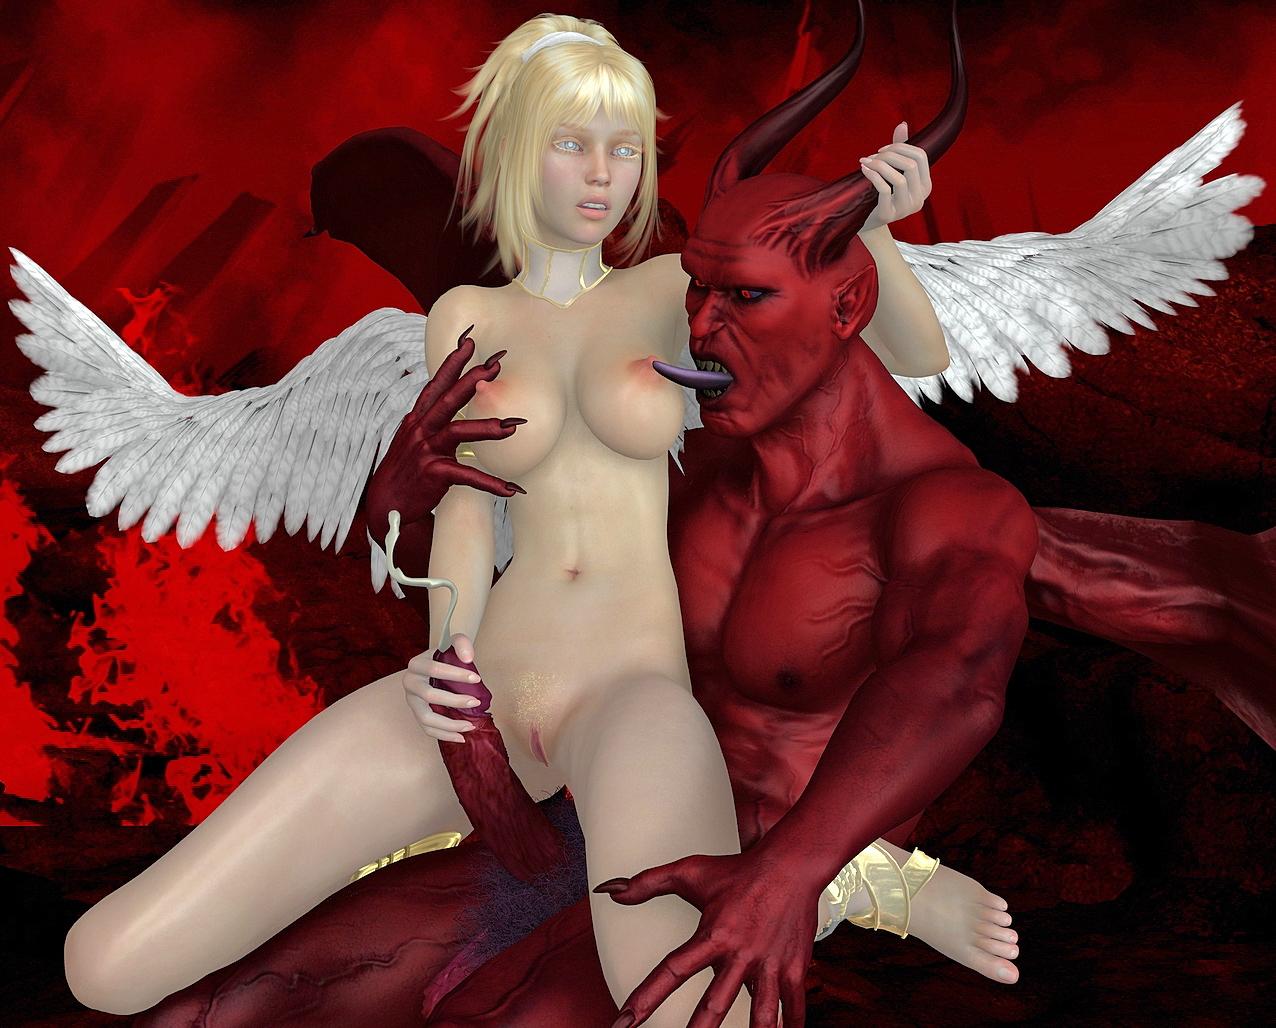 Satan fuck, ramba pussy photo